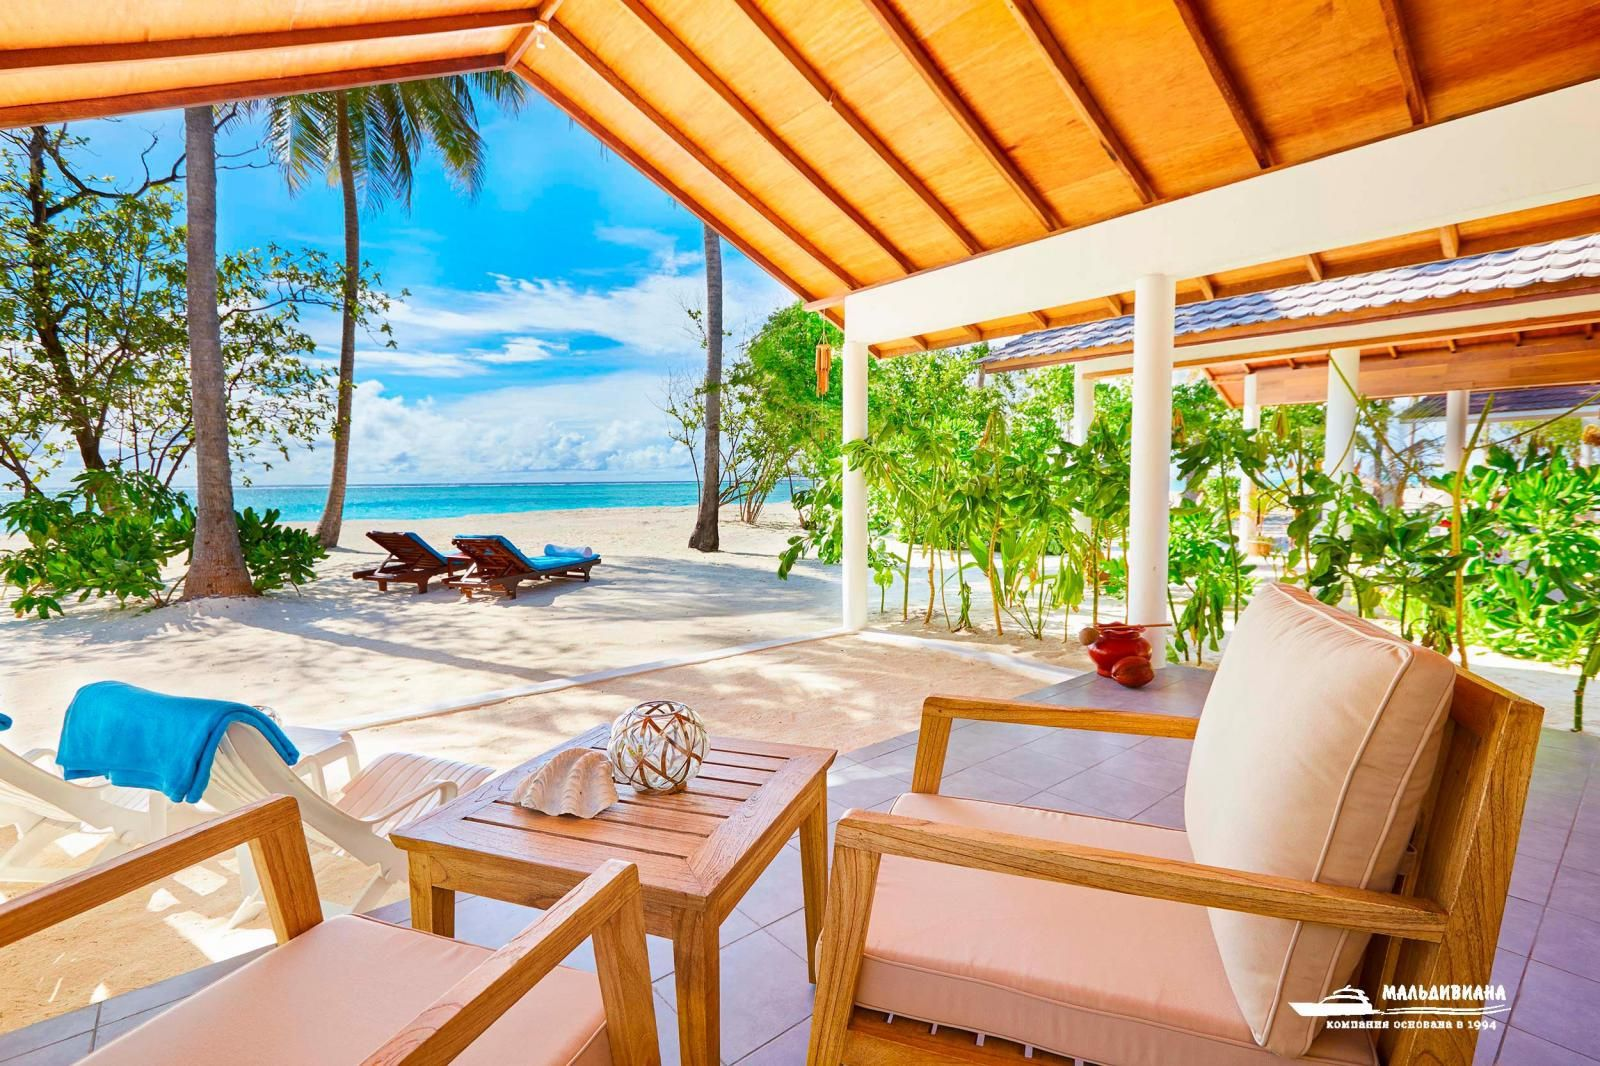 innahura-maldives-resort-4